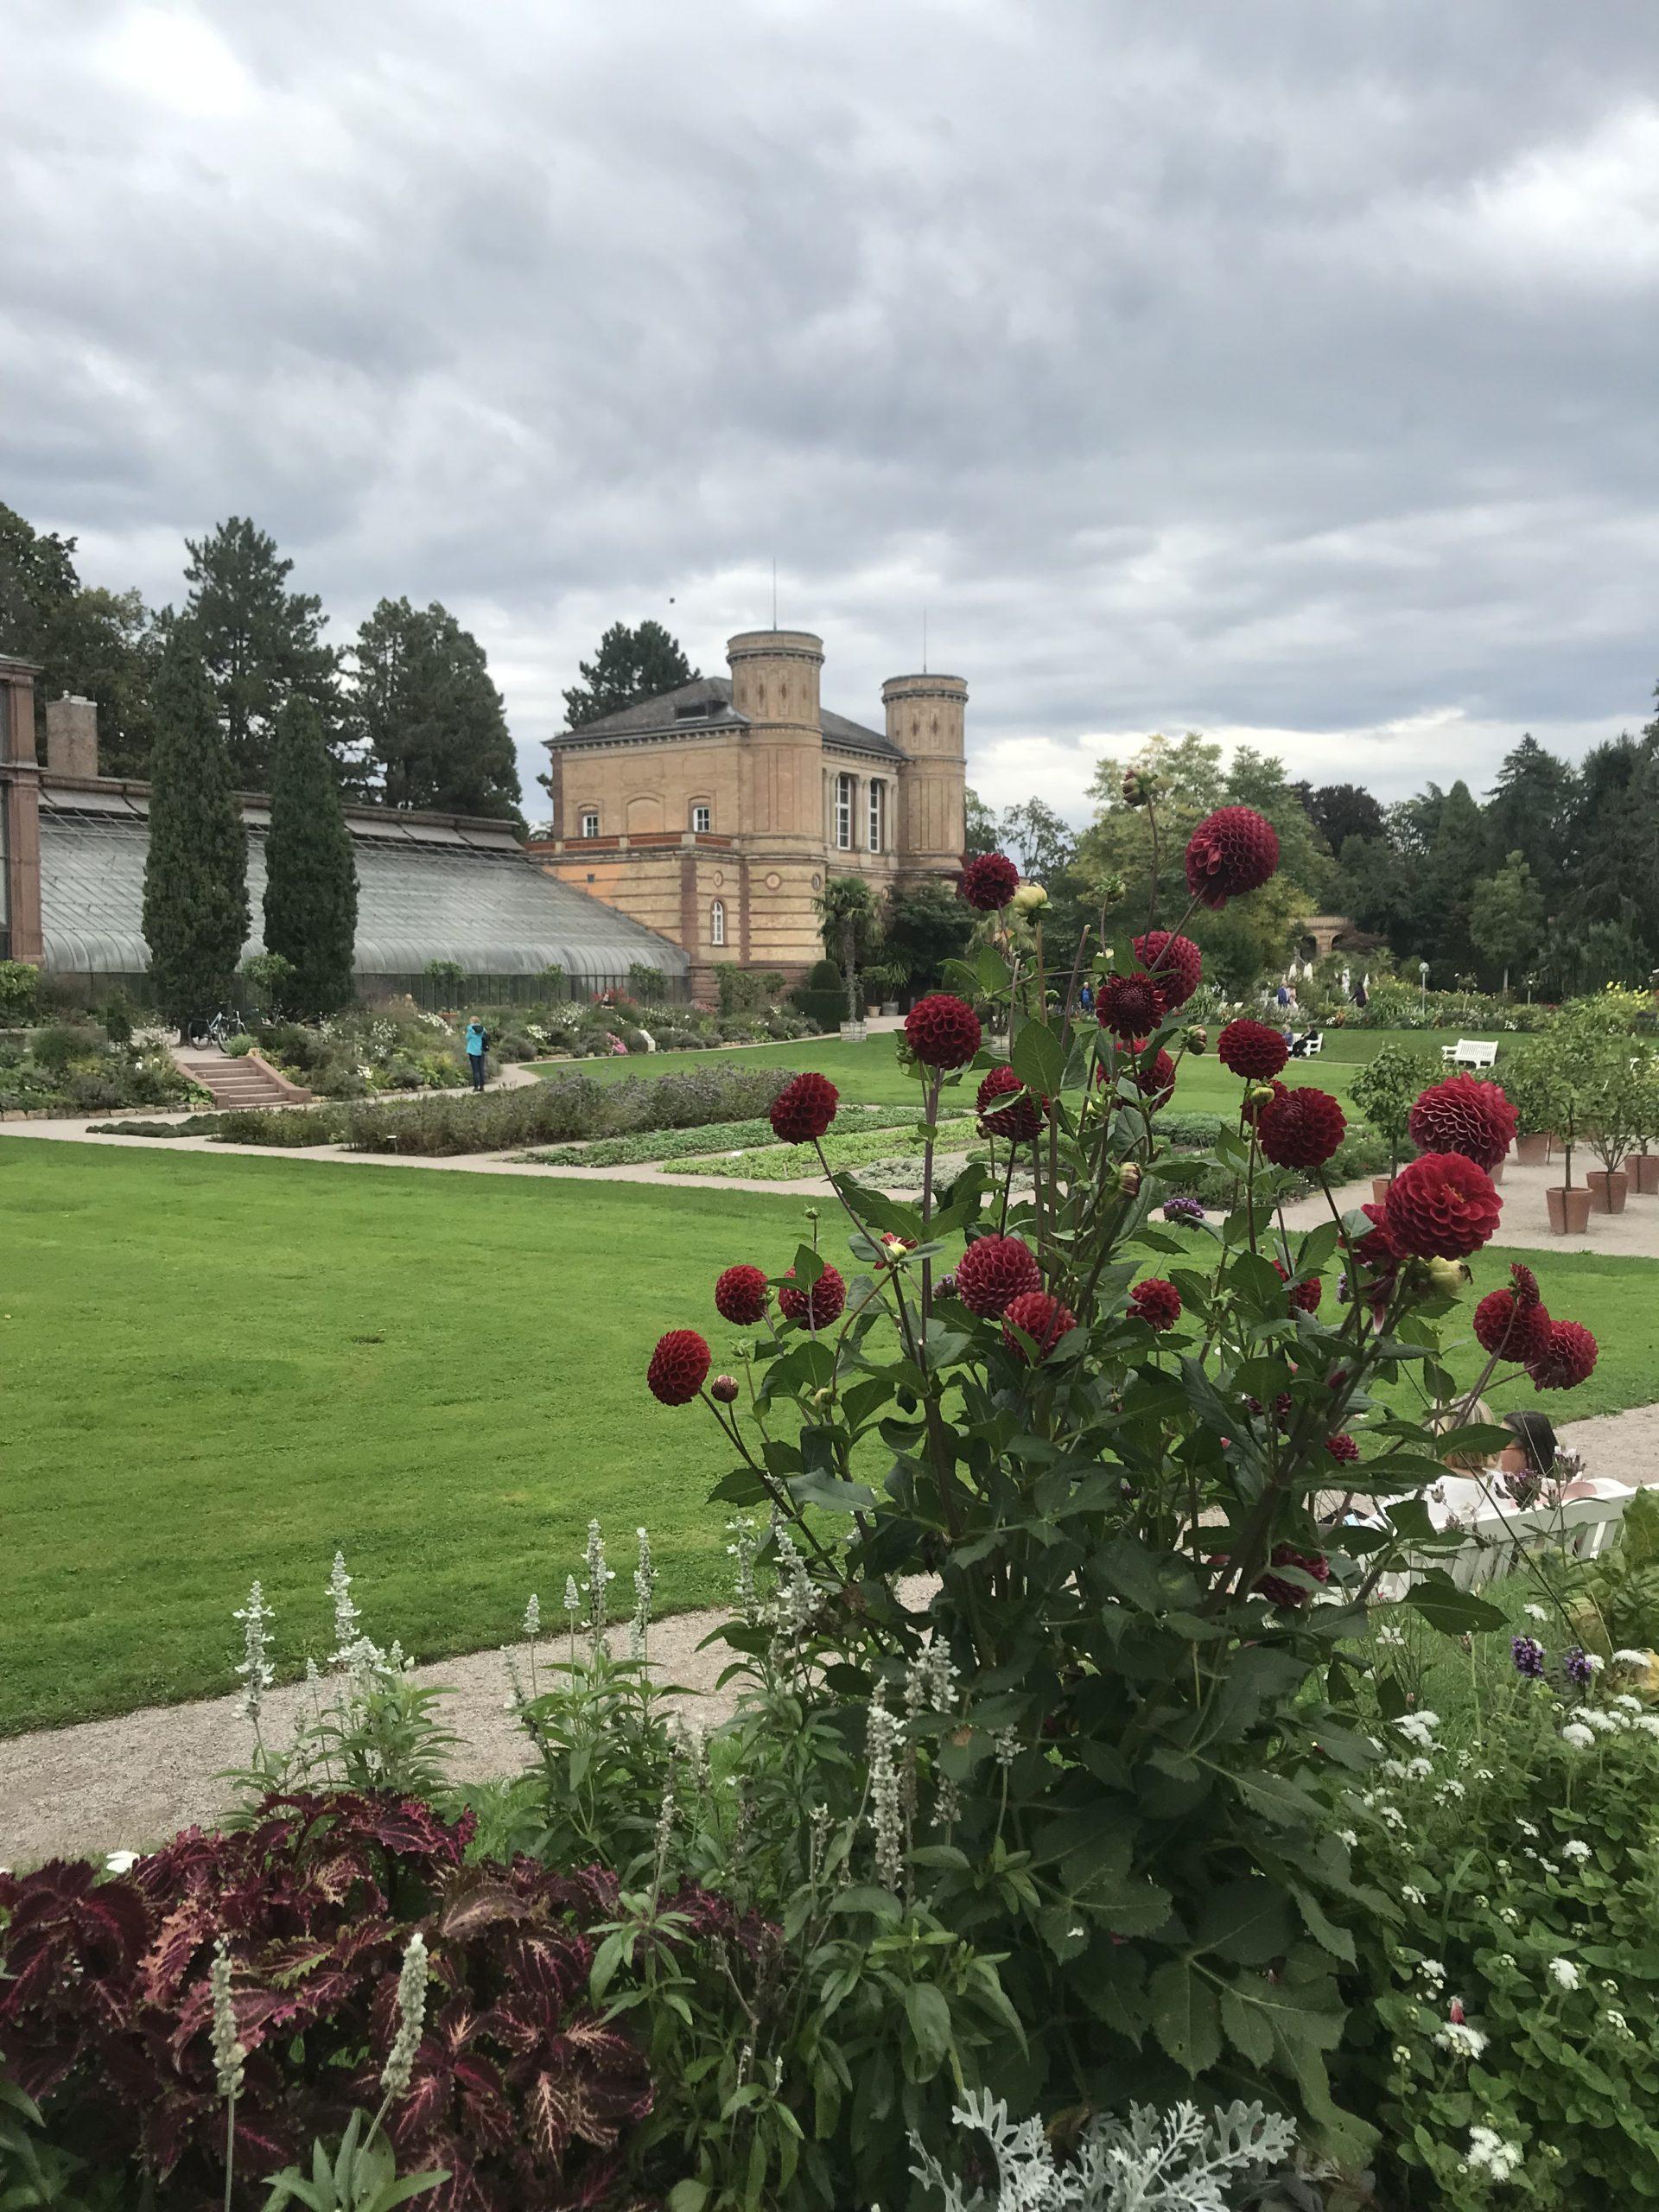 Rote Rosen im Vordergrund, danach Wiese und am Ende Teile des Schlosses